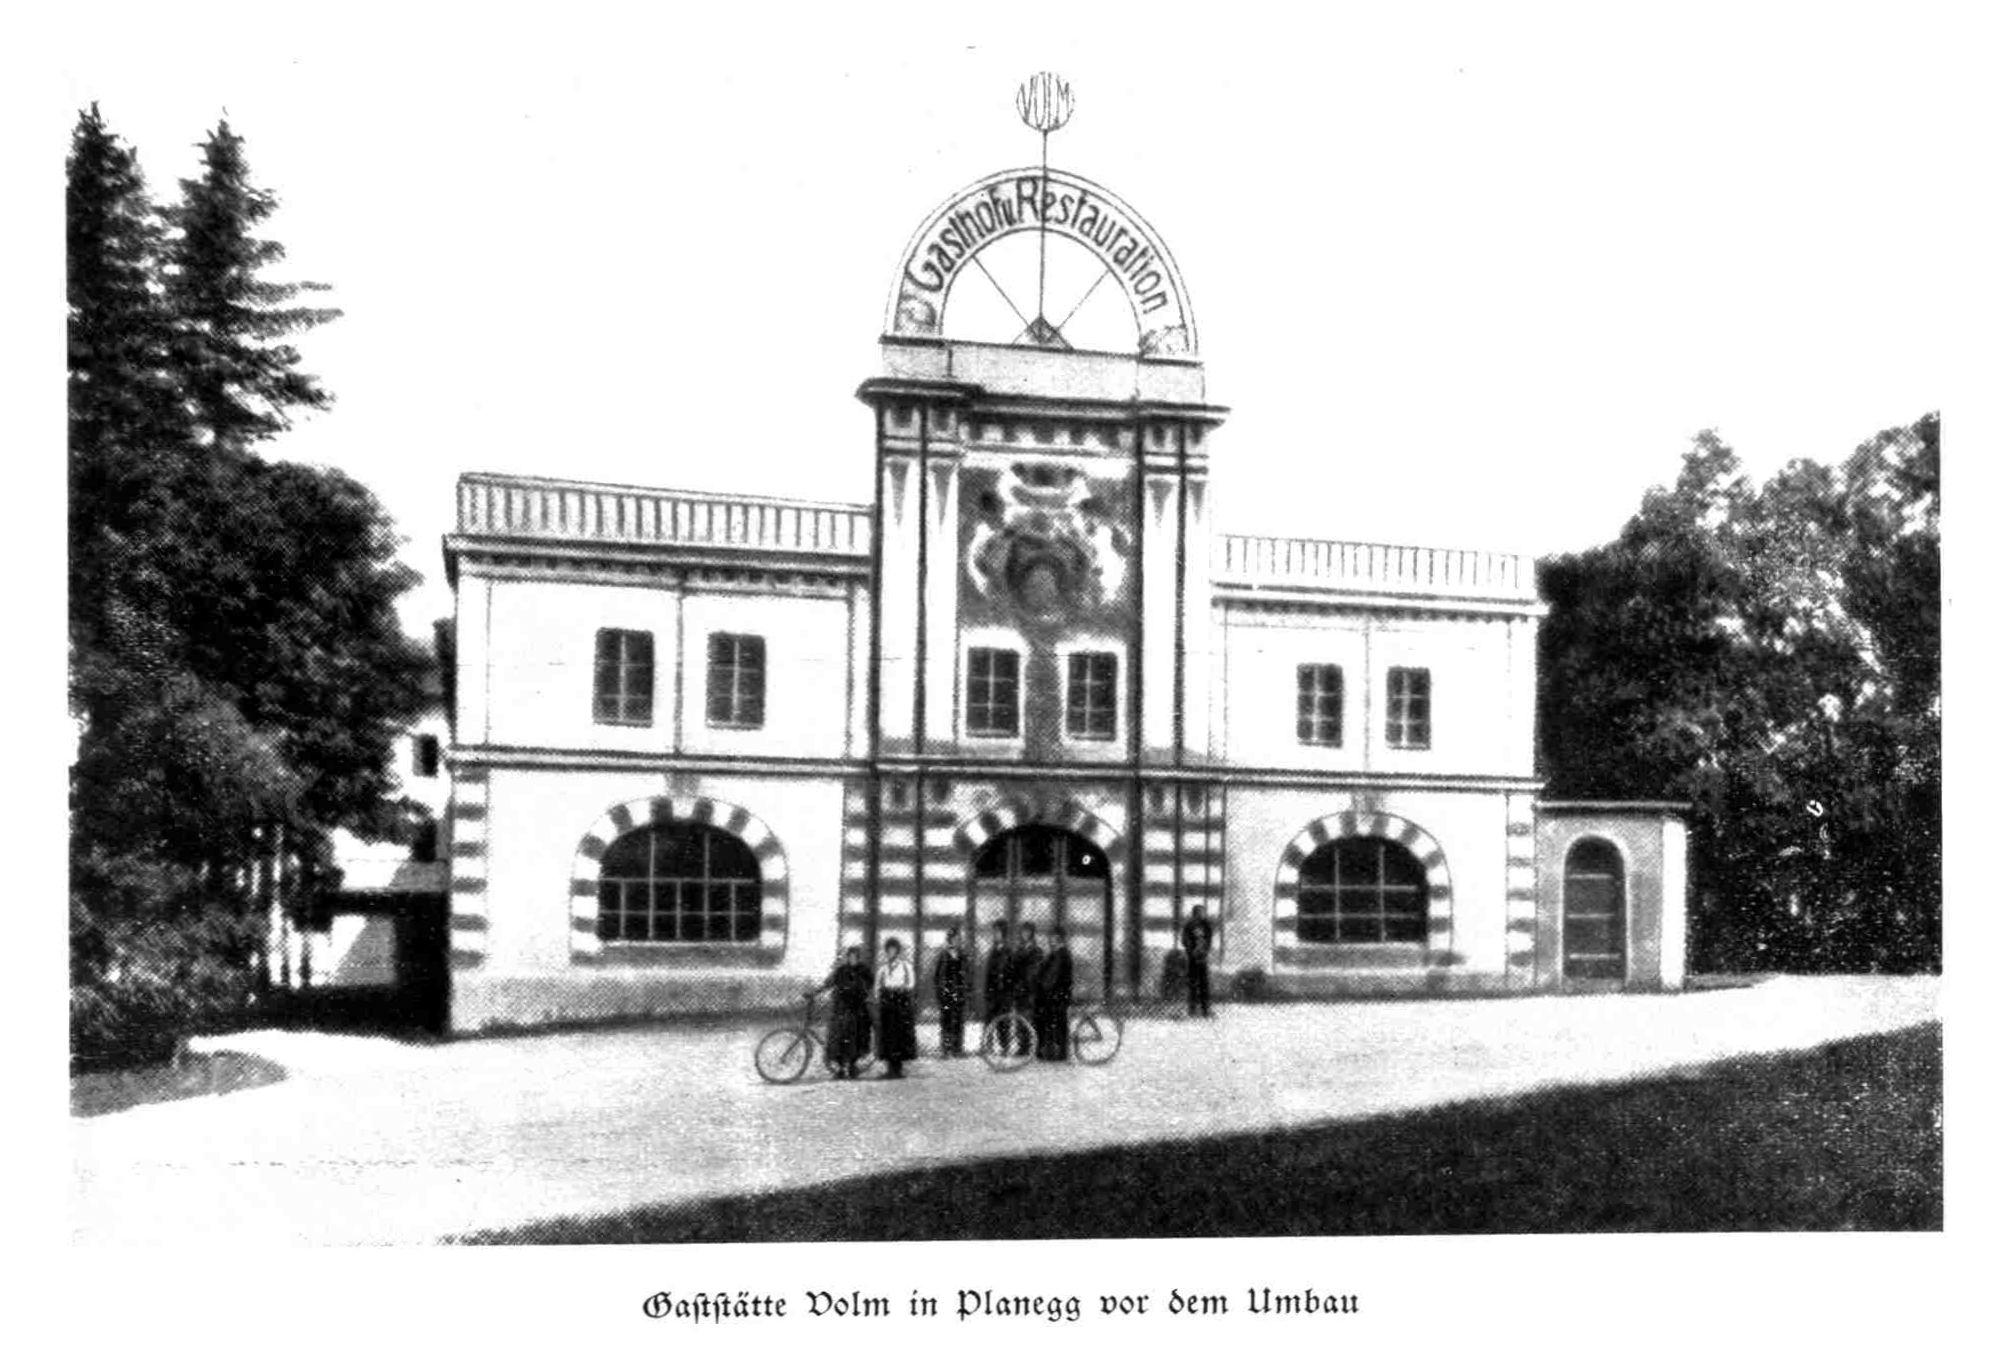 Bild: Der Gasthof Volm vor dem Umbau 1936